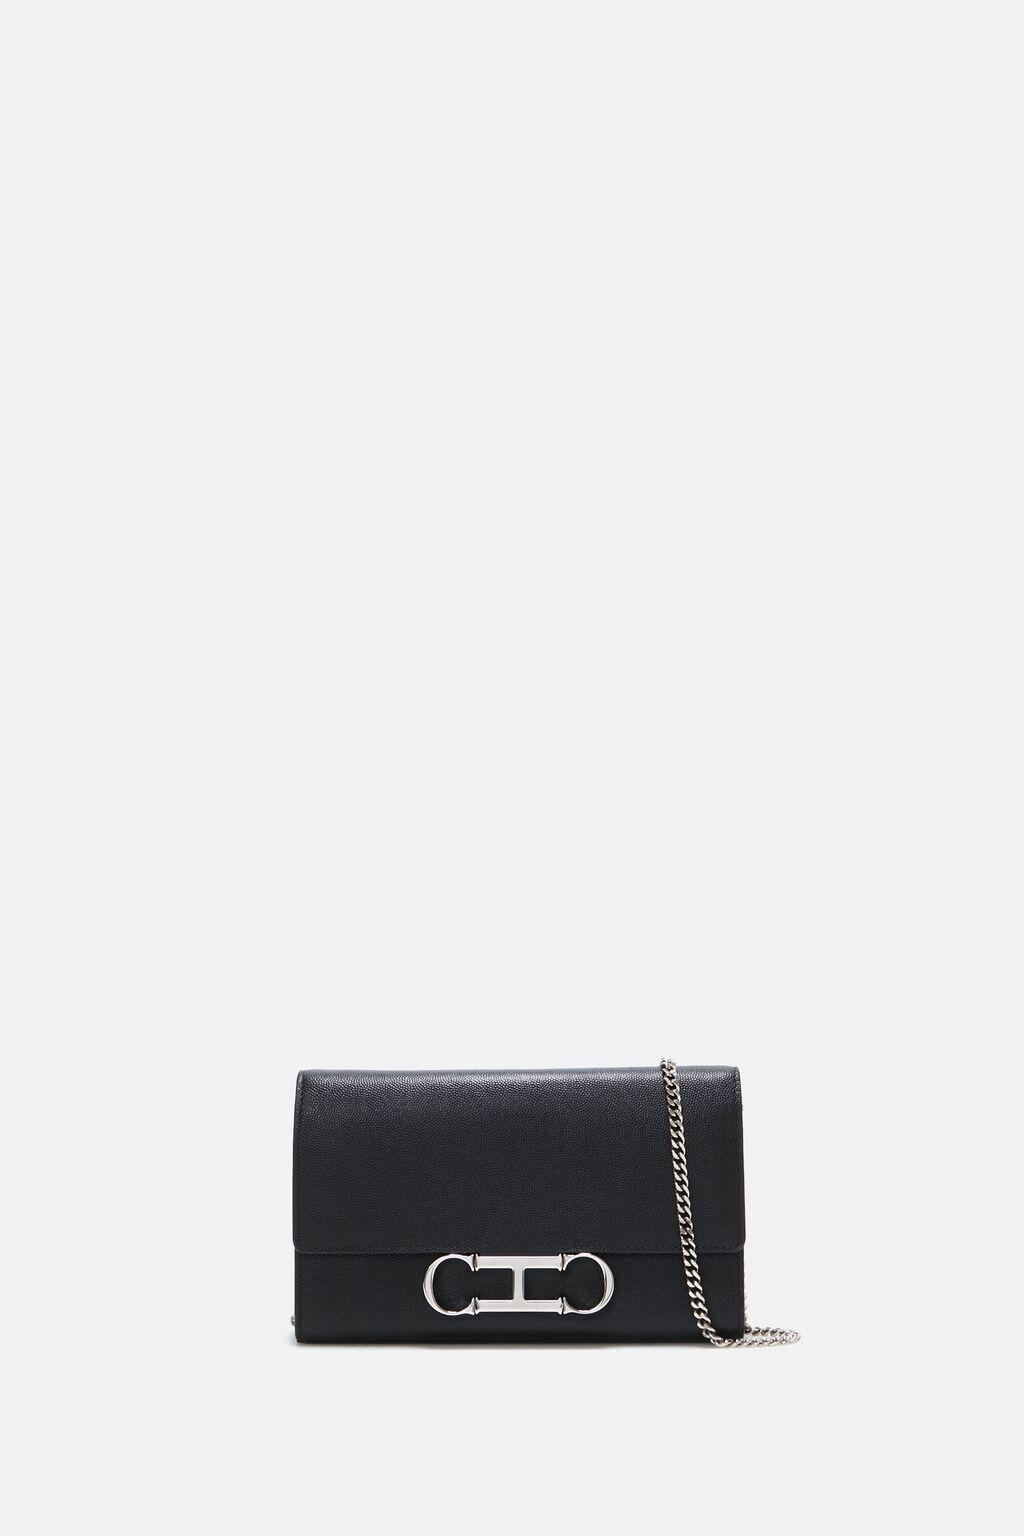 Initials Insignia | Medium cross body bag